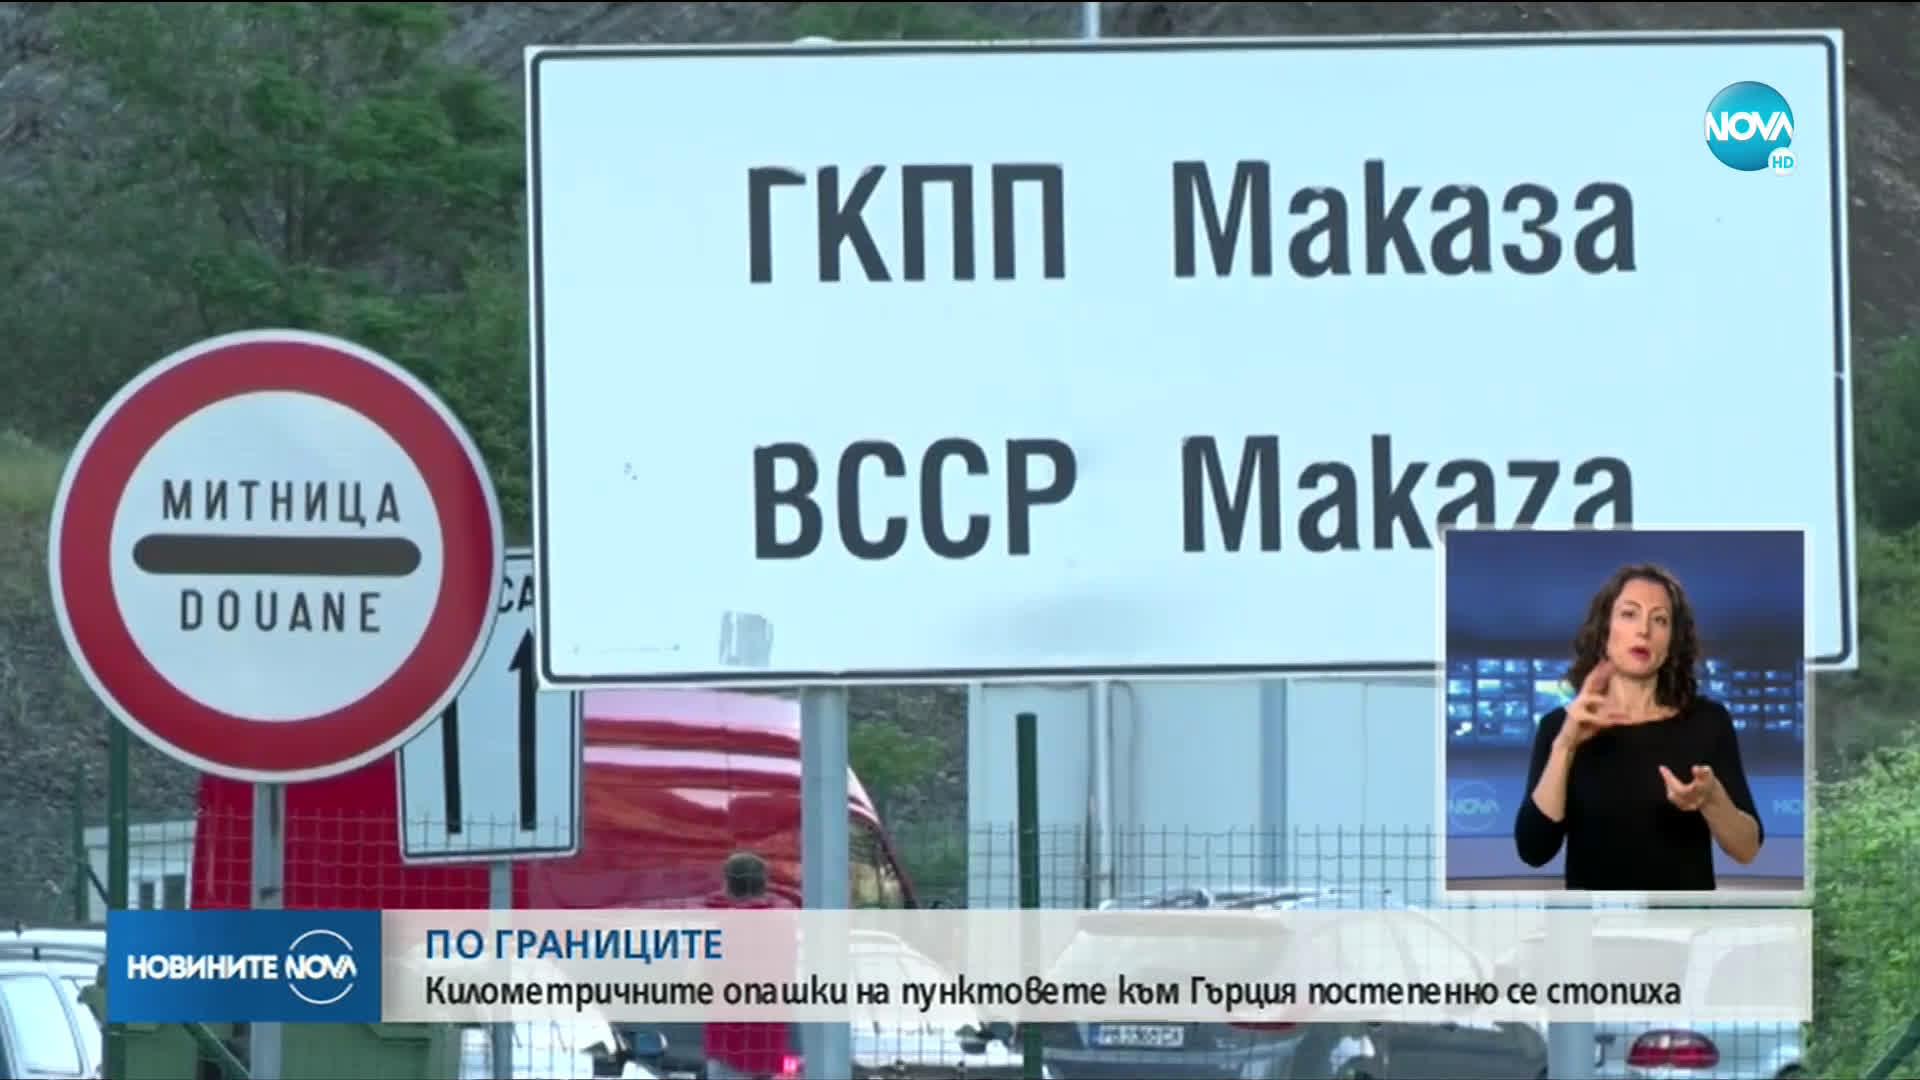 ПЪРВИ УИКЕНД БЕЗ КАРАНТИНА: Затруднен ли е трафикът към Гърция?